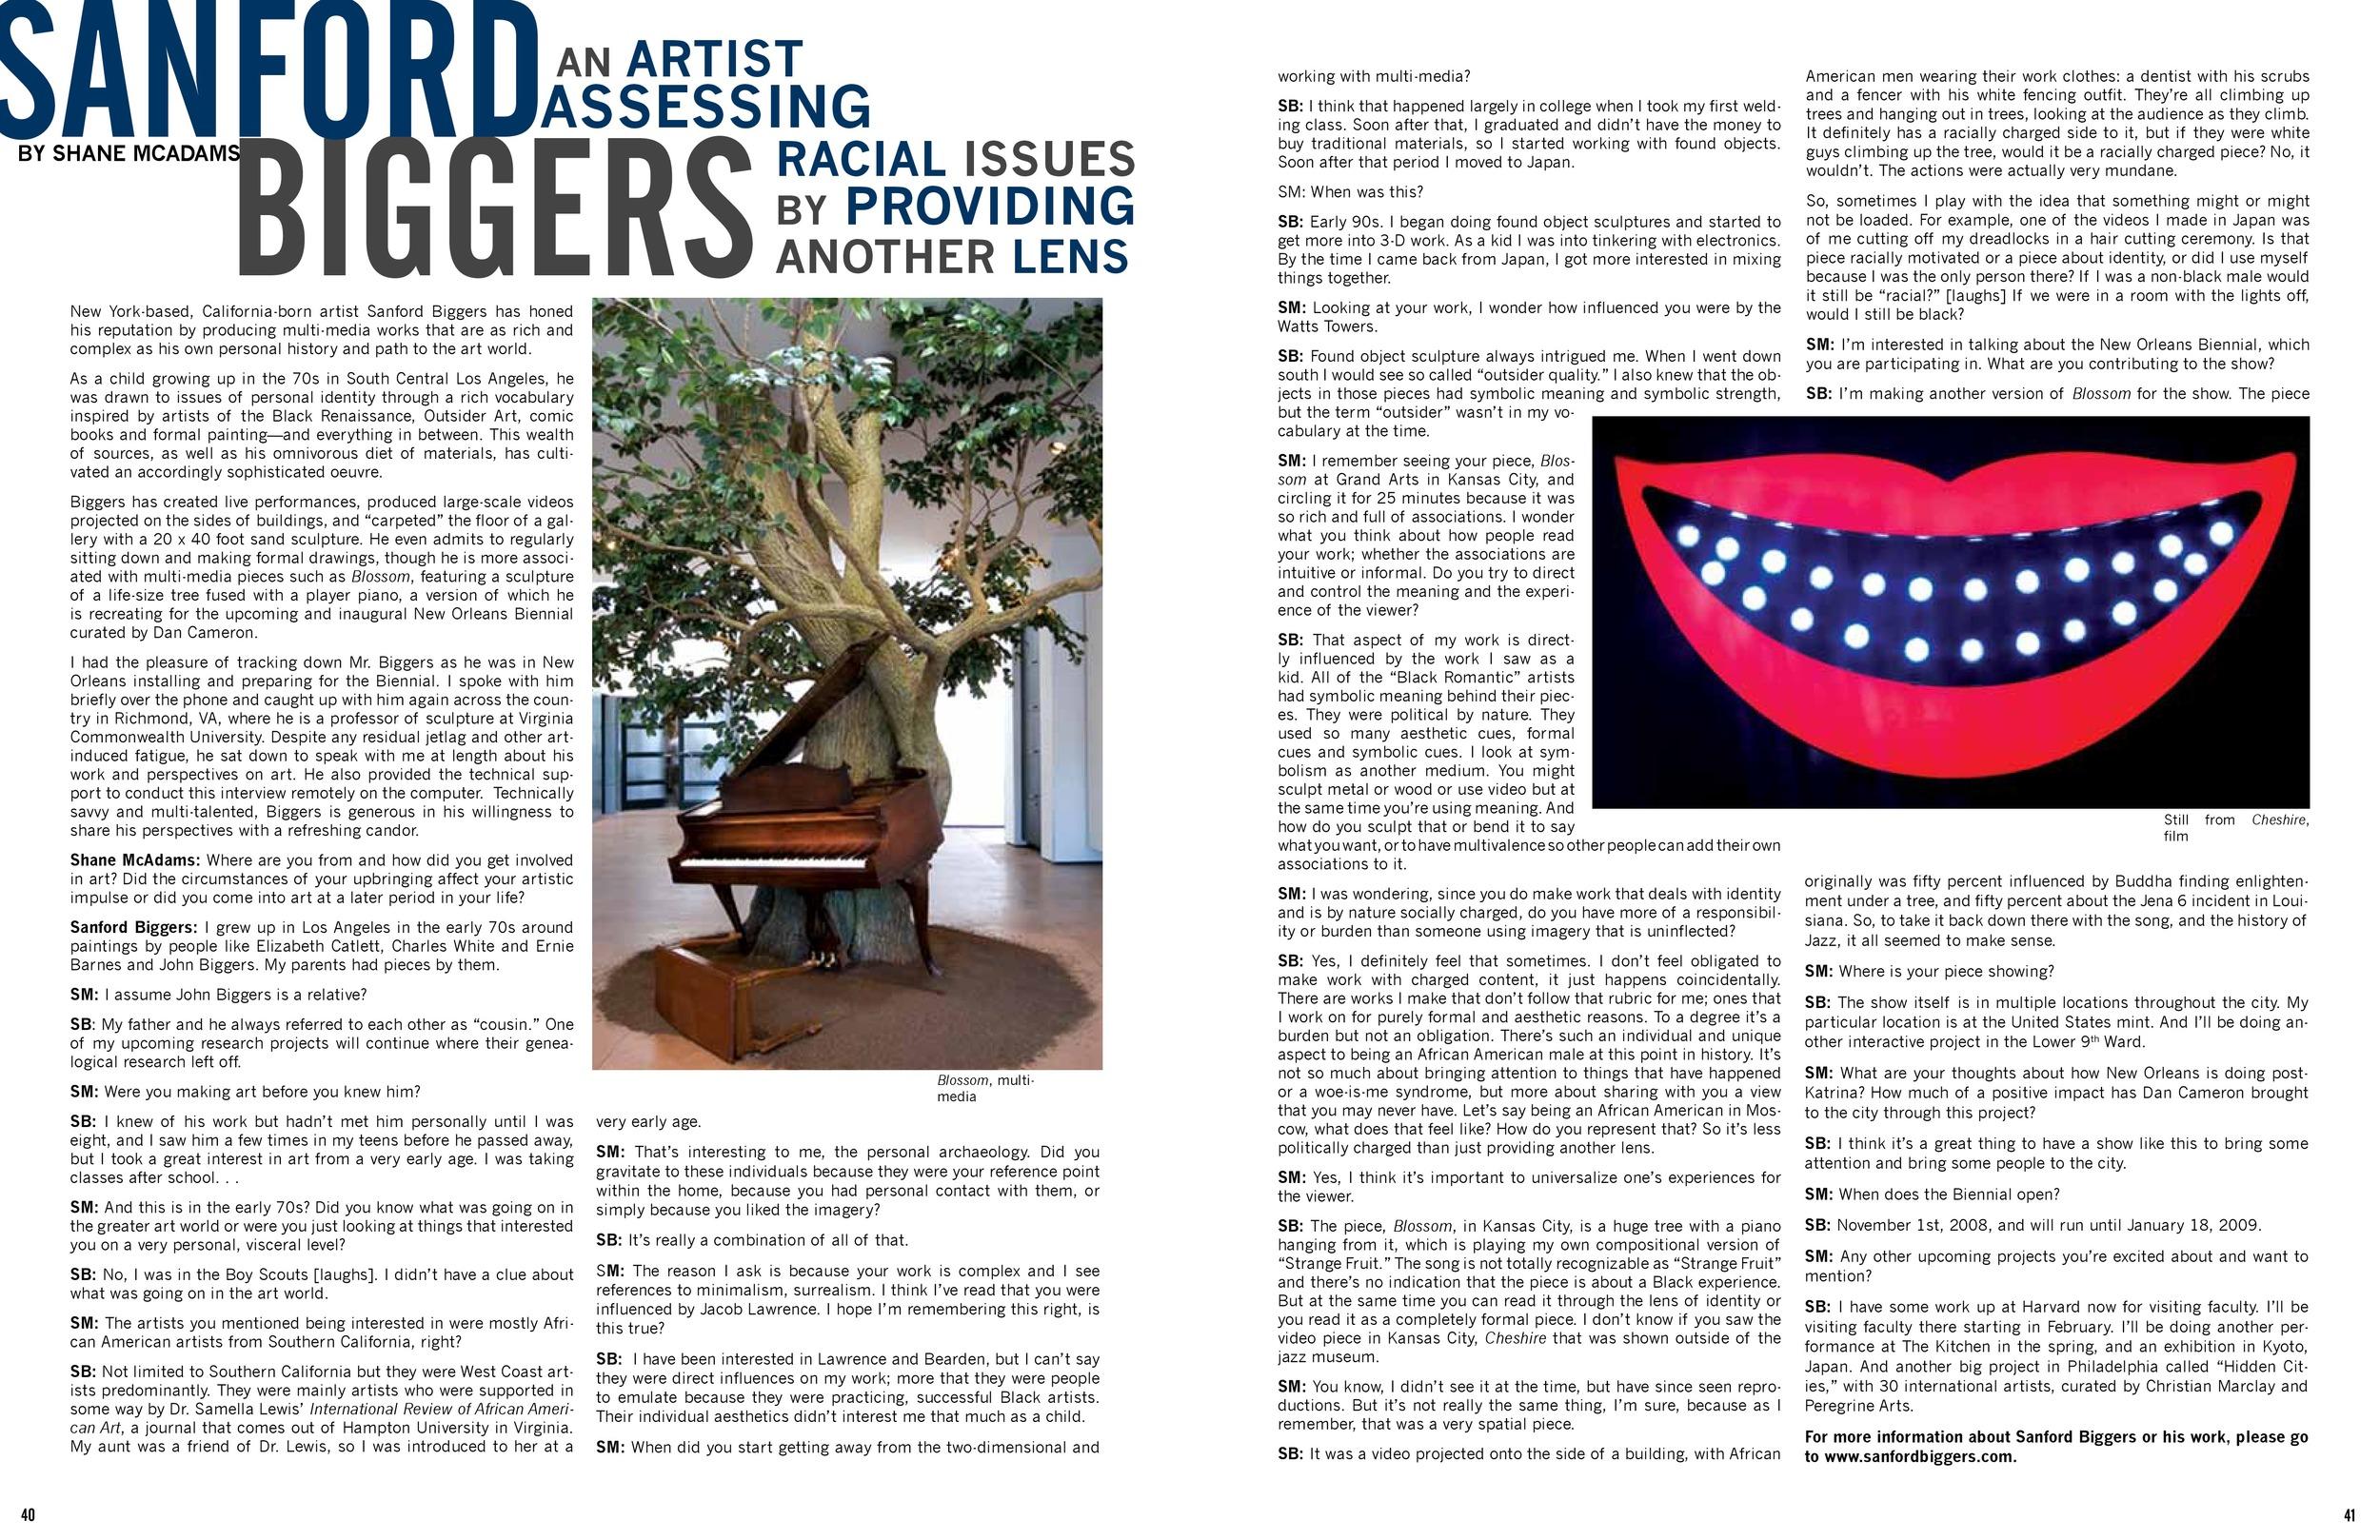 SanfordBiggers-page-0.jpg